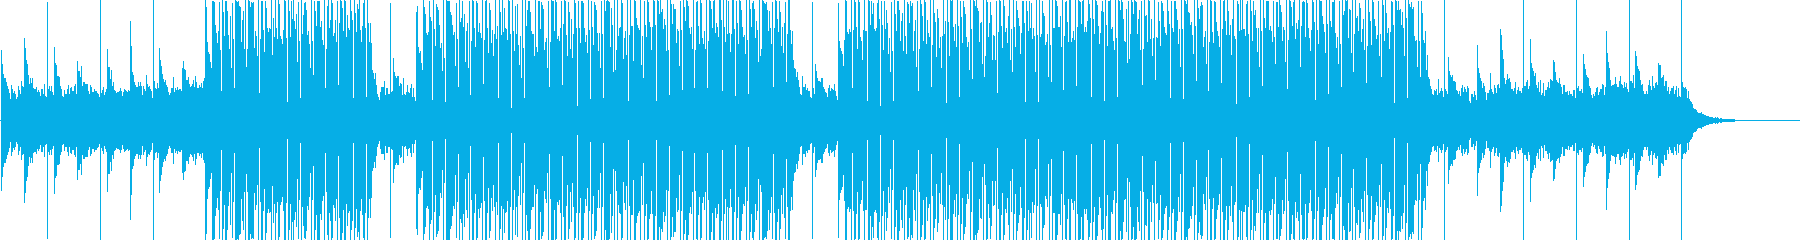 幻想的なイメージのTrap Beatの再生済みの波形